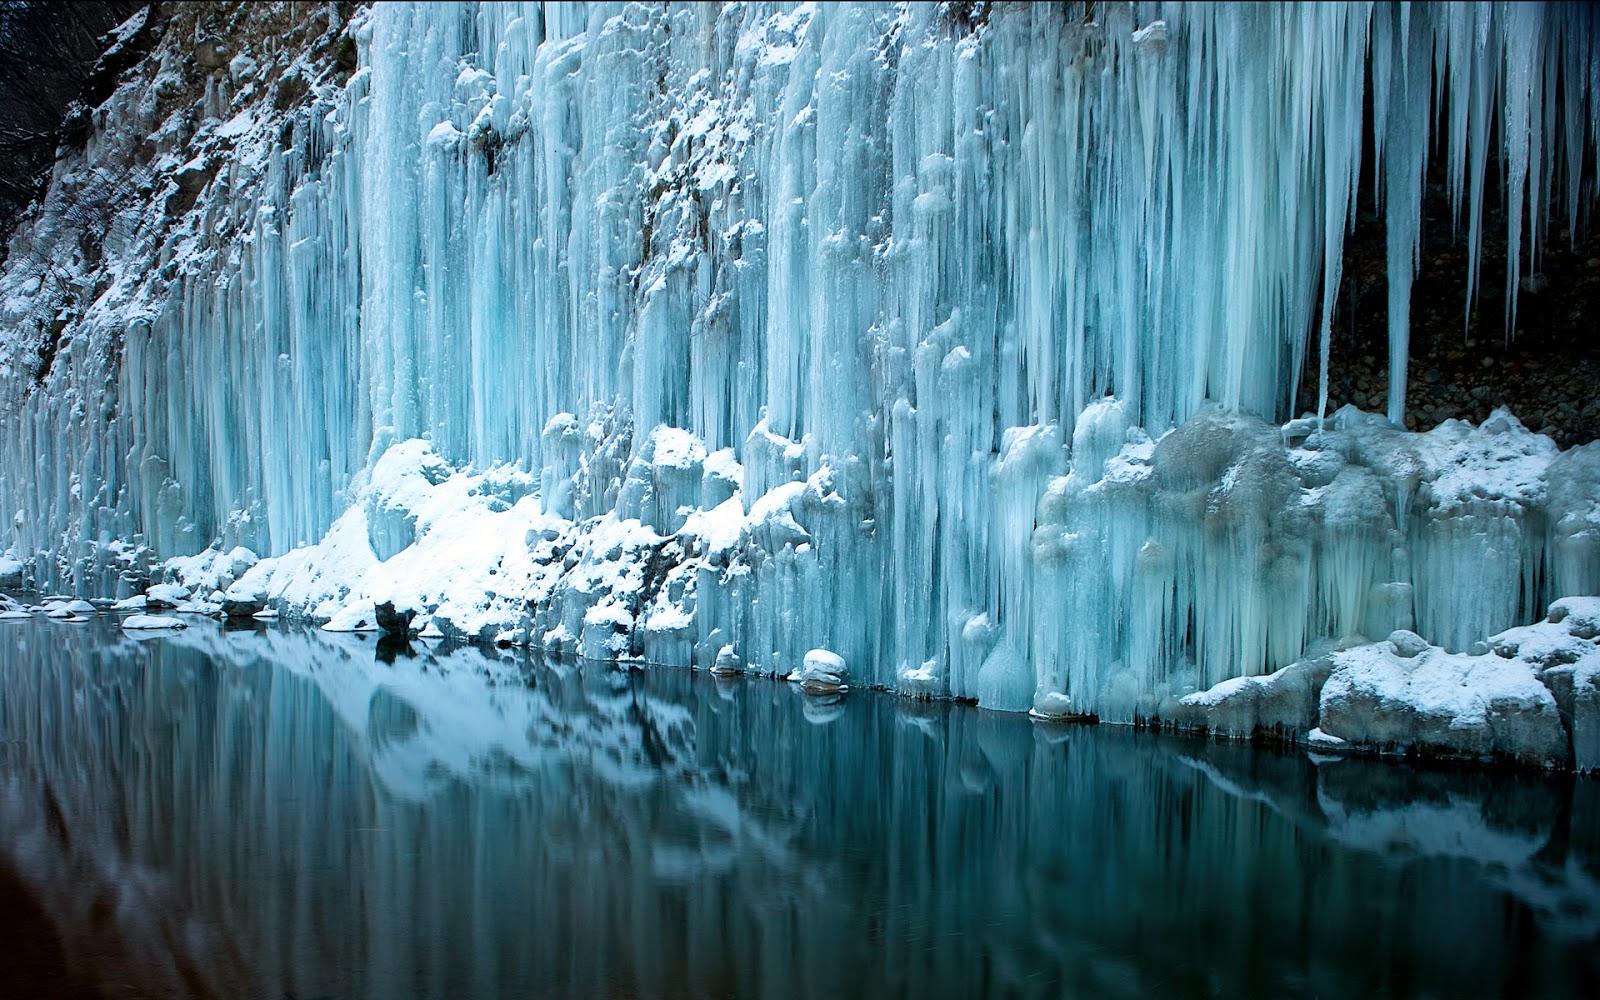 Hình nền Sông băng